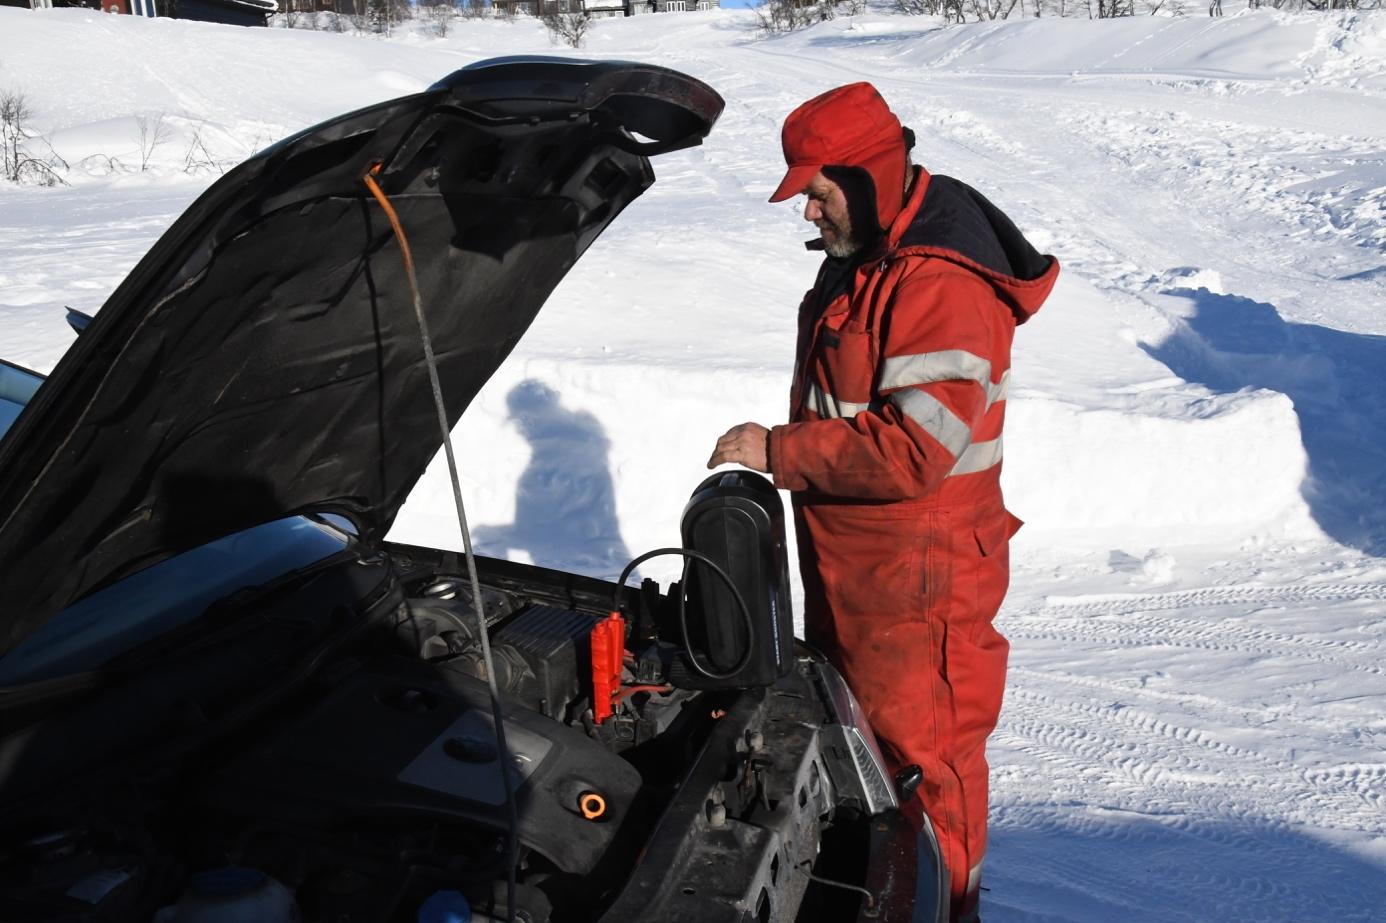 Et bilde som inneholder snø, utendørs, snøscooter, person  Automatisk generert beskrivelse